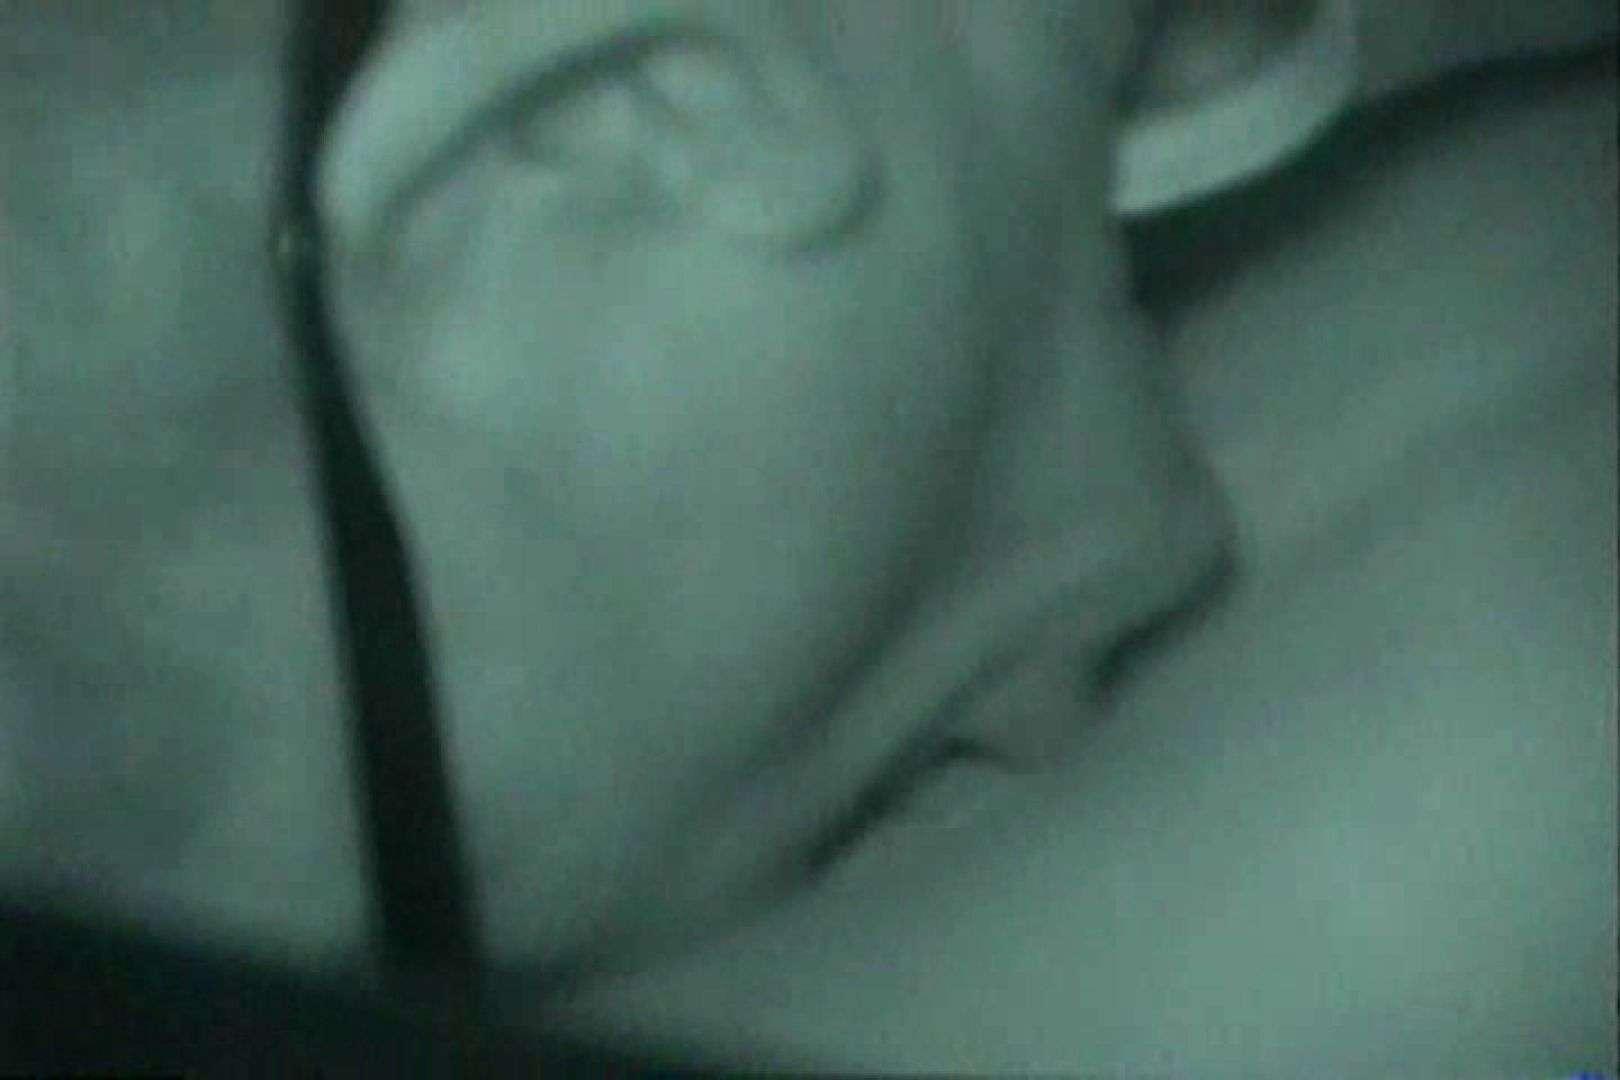 充血監督の深夜の運動会Vol.128 セックス アダルト動画キャプチャ 85画像 68